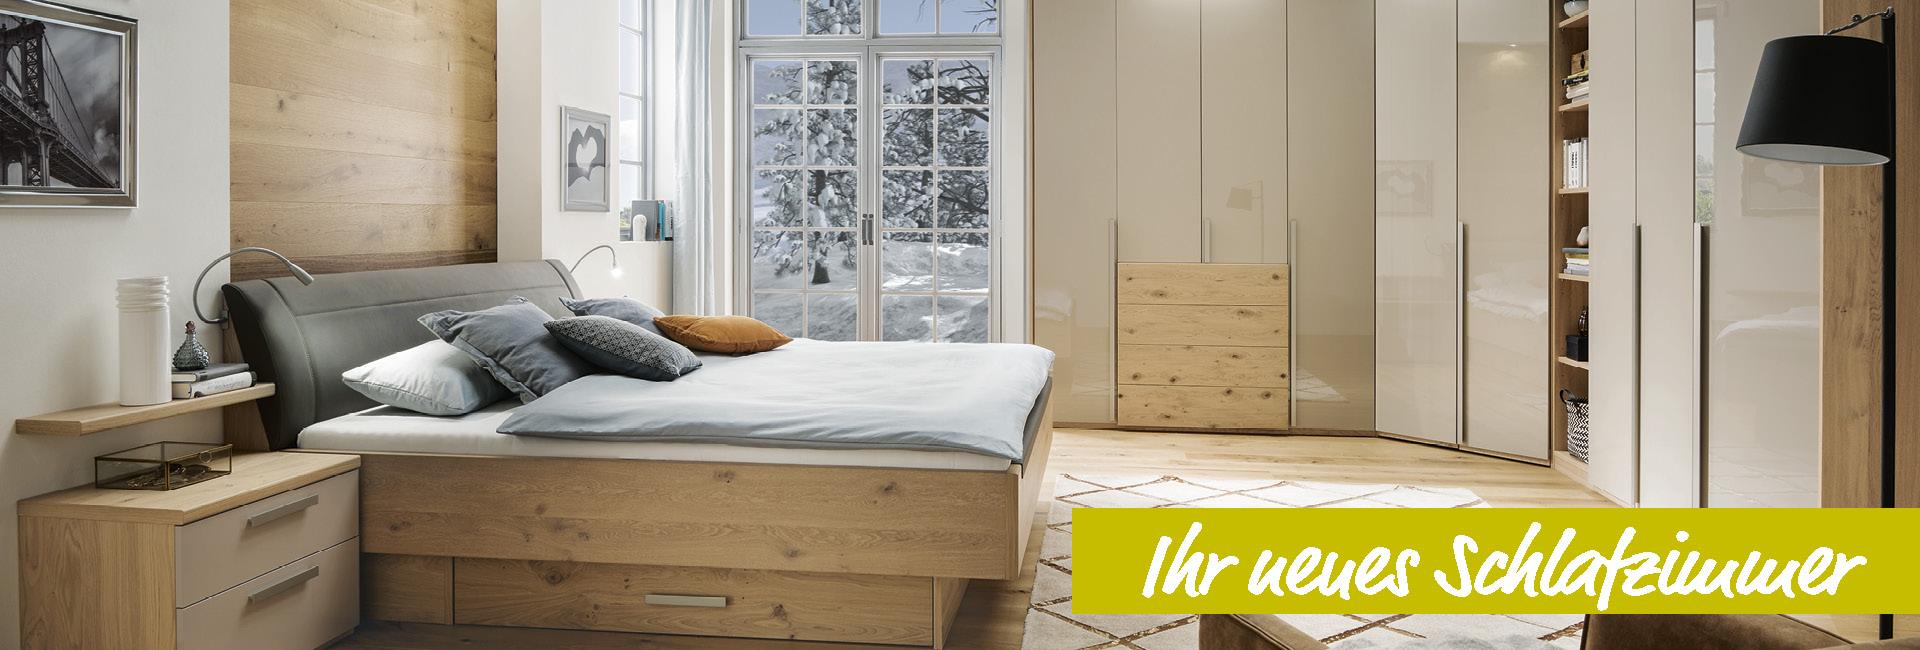 Full Size of Ausgefallene Schlafzimmer Ausbauen Und Einrichten Im Raum Regensburg Stehlampe Kommoden Truhe Lampe Komplettangebote Deckenleuchte Modern Vorhänge Wandlampe Wohnzimmer Ausgefallene Schlafzimmer